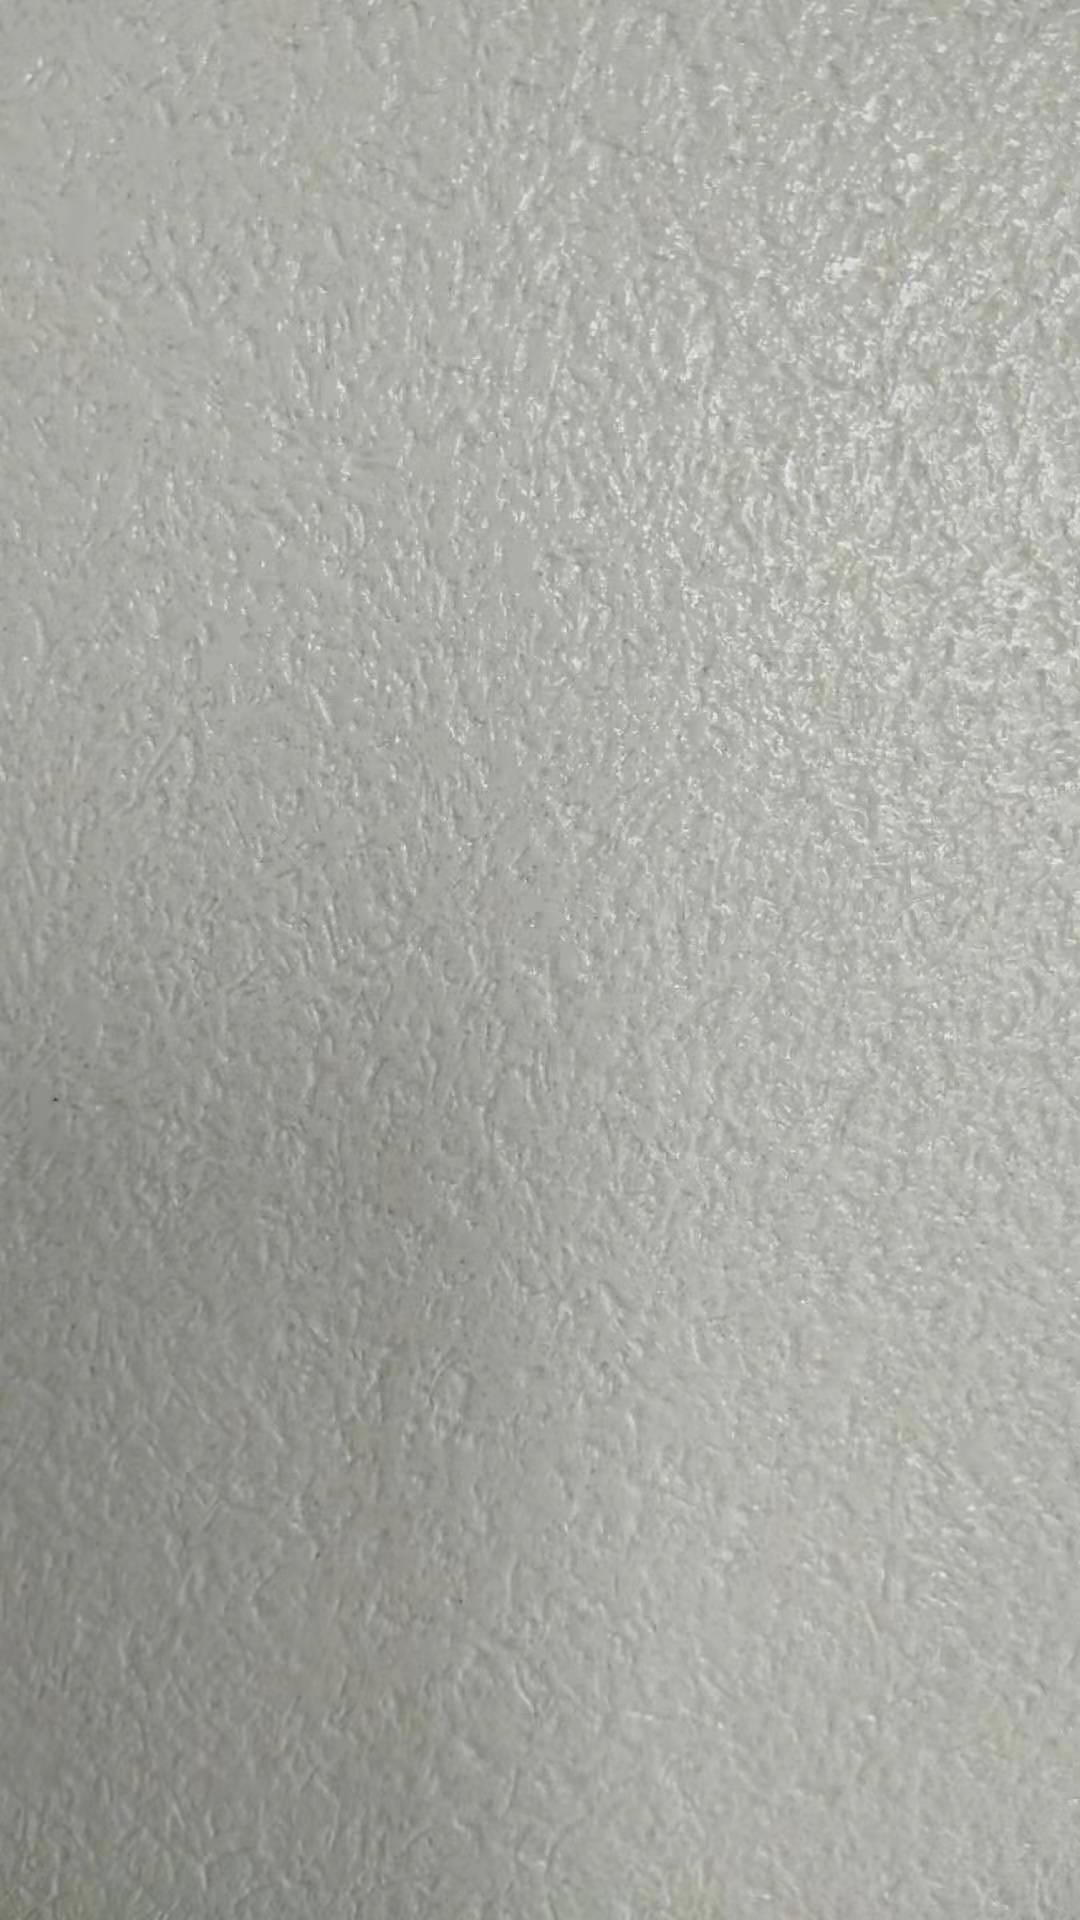 漳州称心的艺术漆品牌-艺术漆品牌品牌推荐